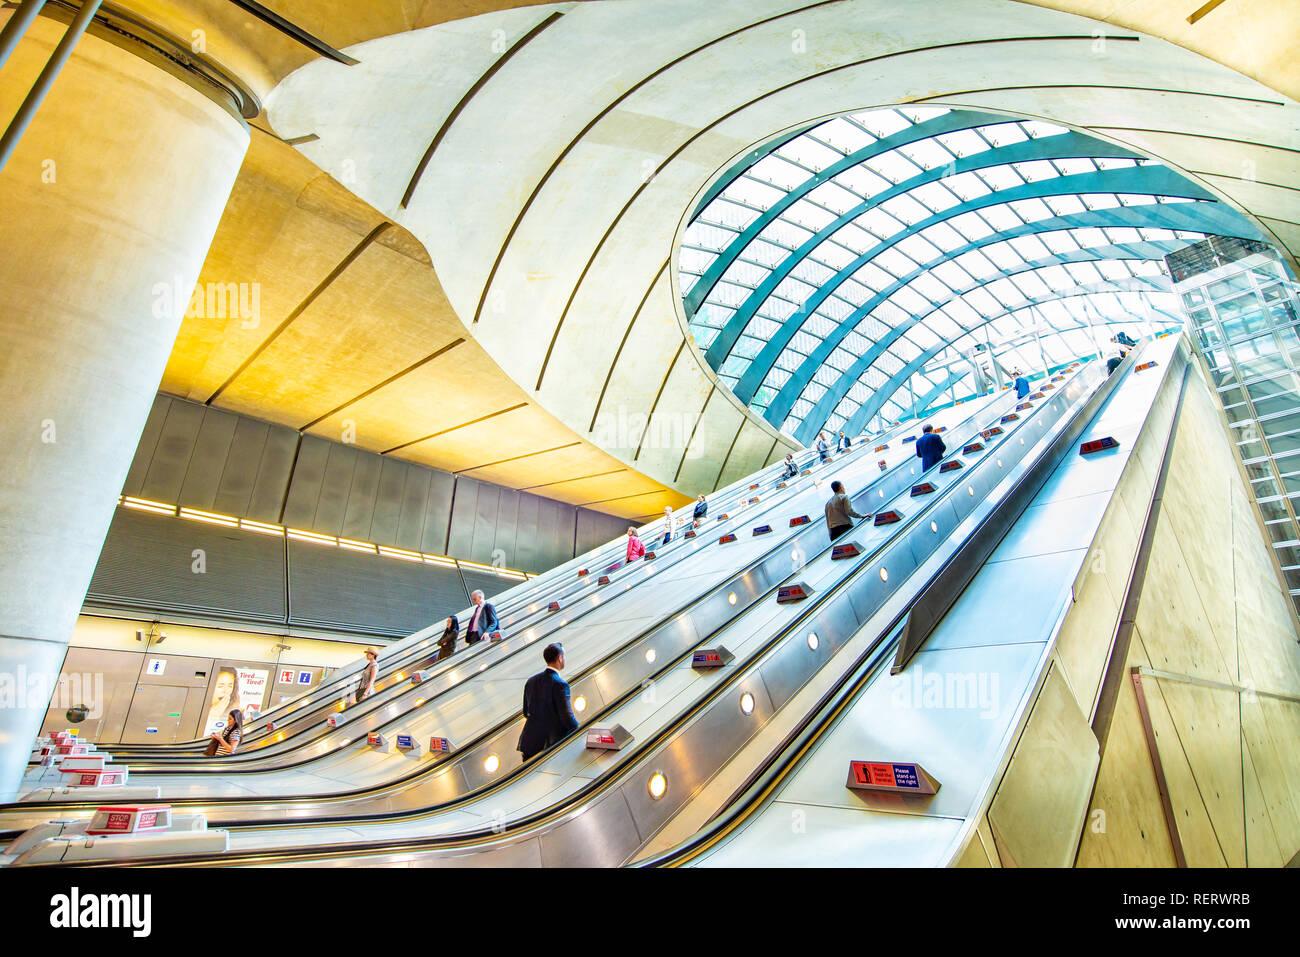 Escalators at Canary Wharf Underground Station, London, UK - Stock Image